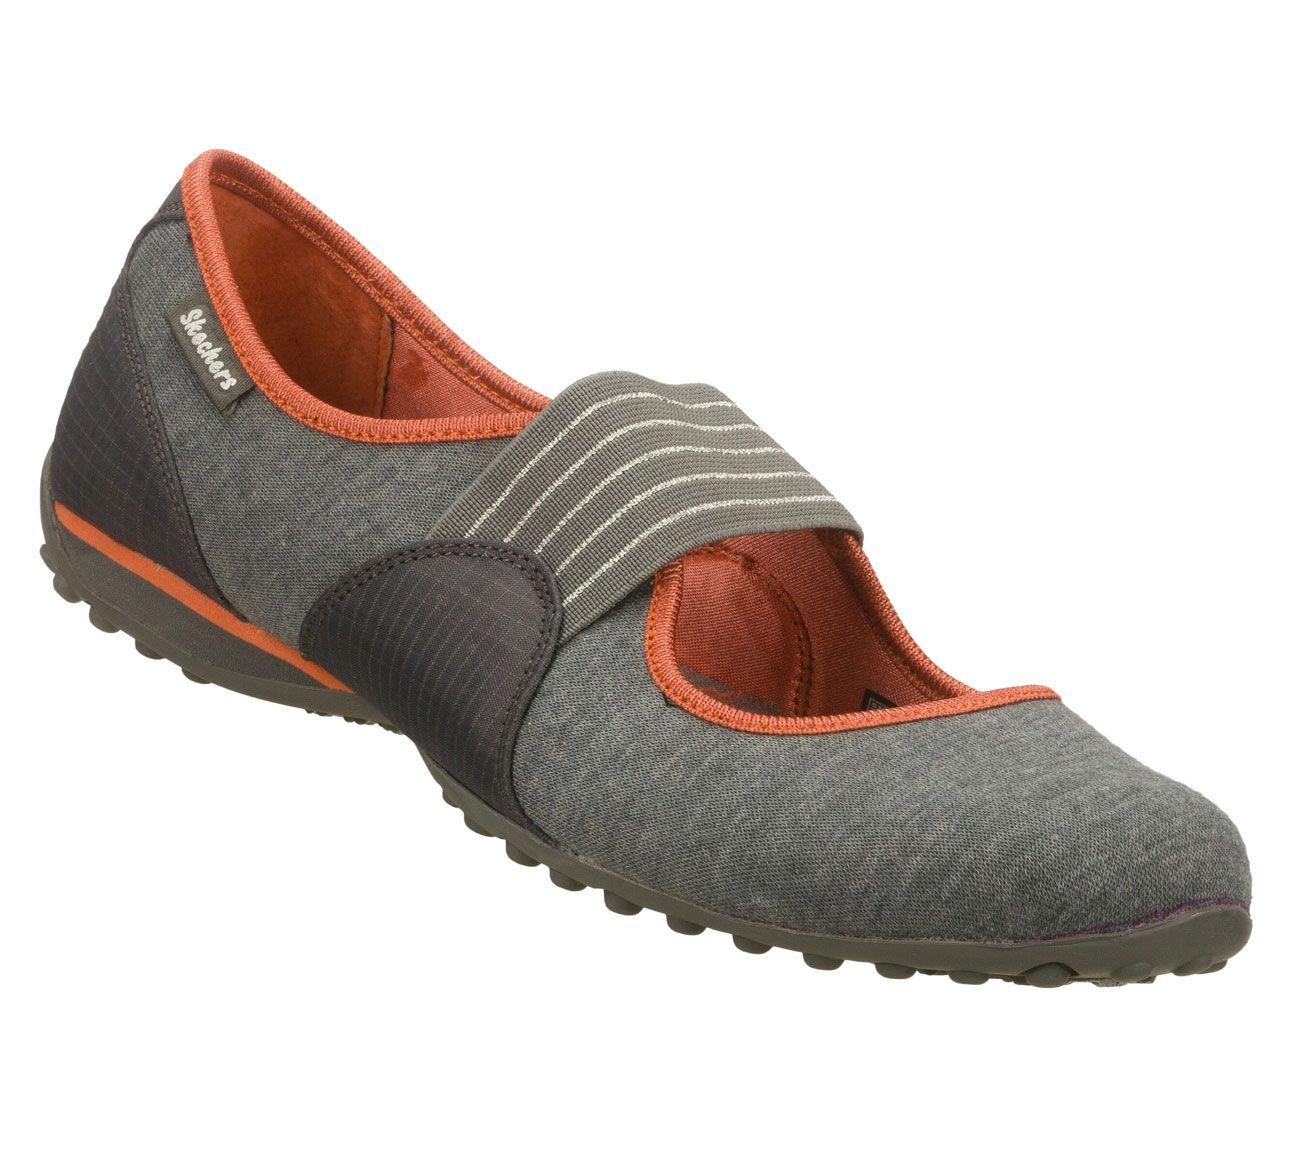 Sketchers shoes, Comfortable shoes